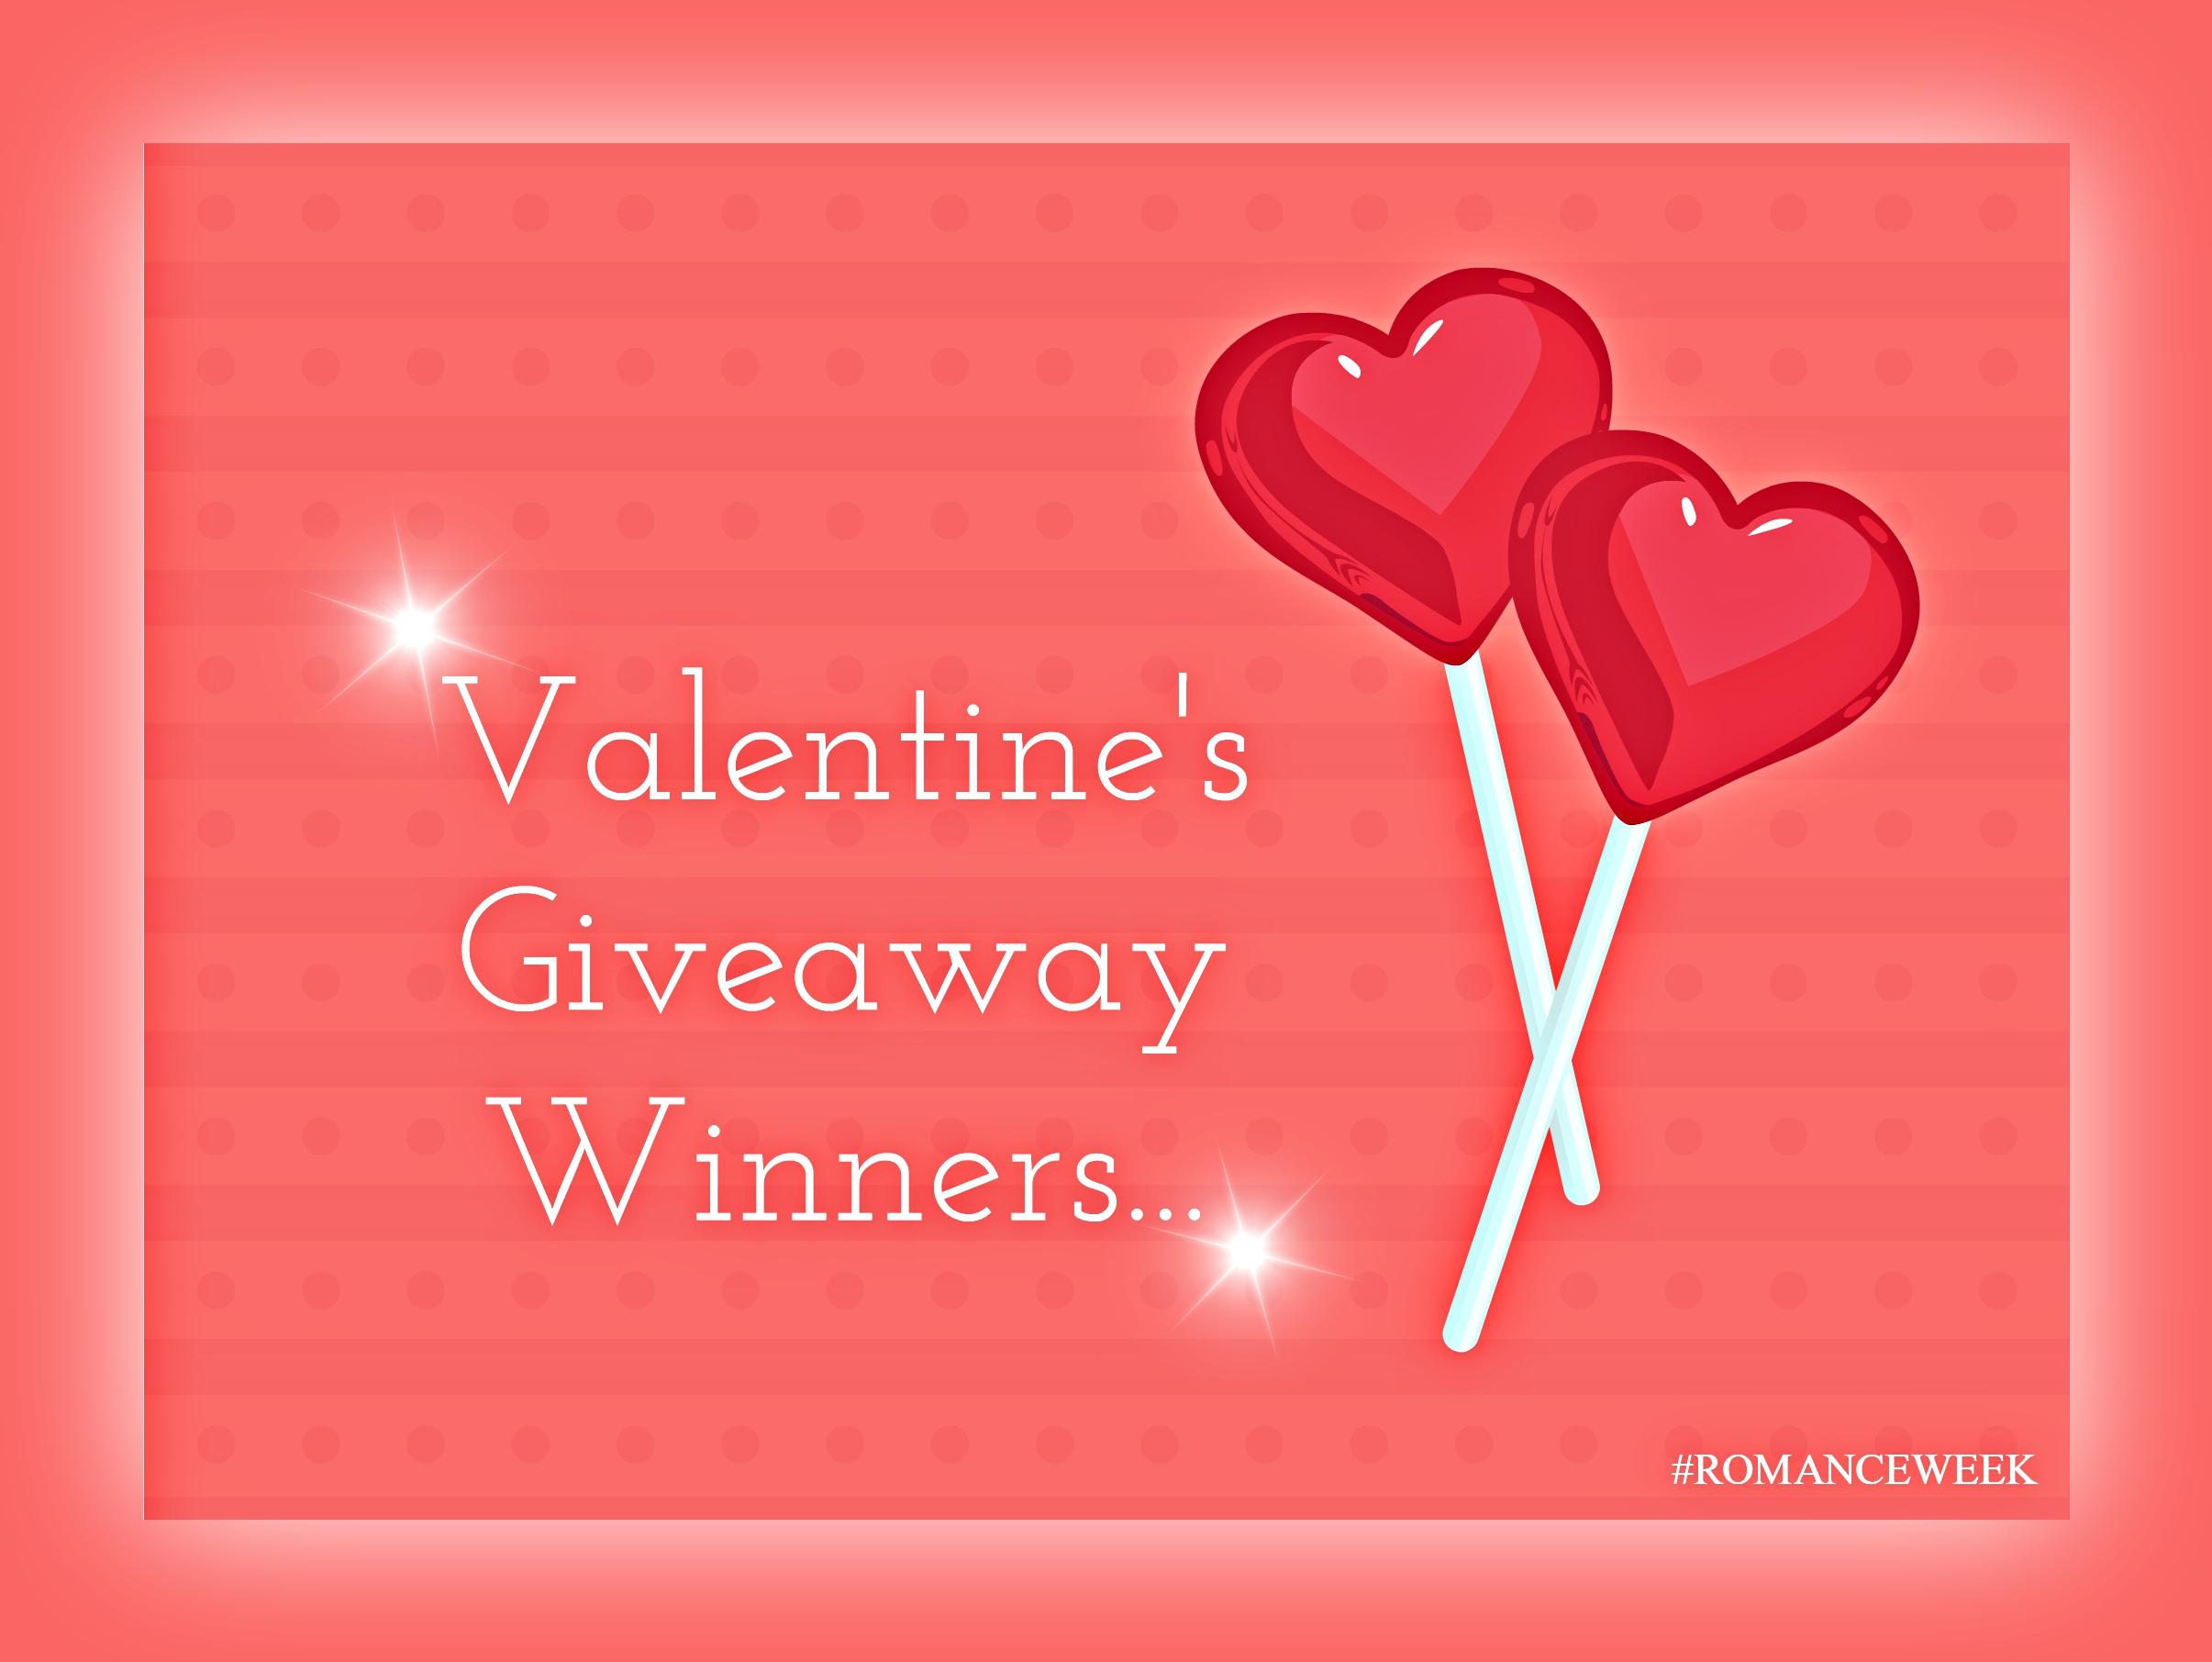 Romance Week Giveaway Winners!